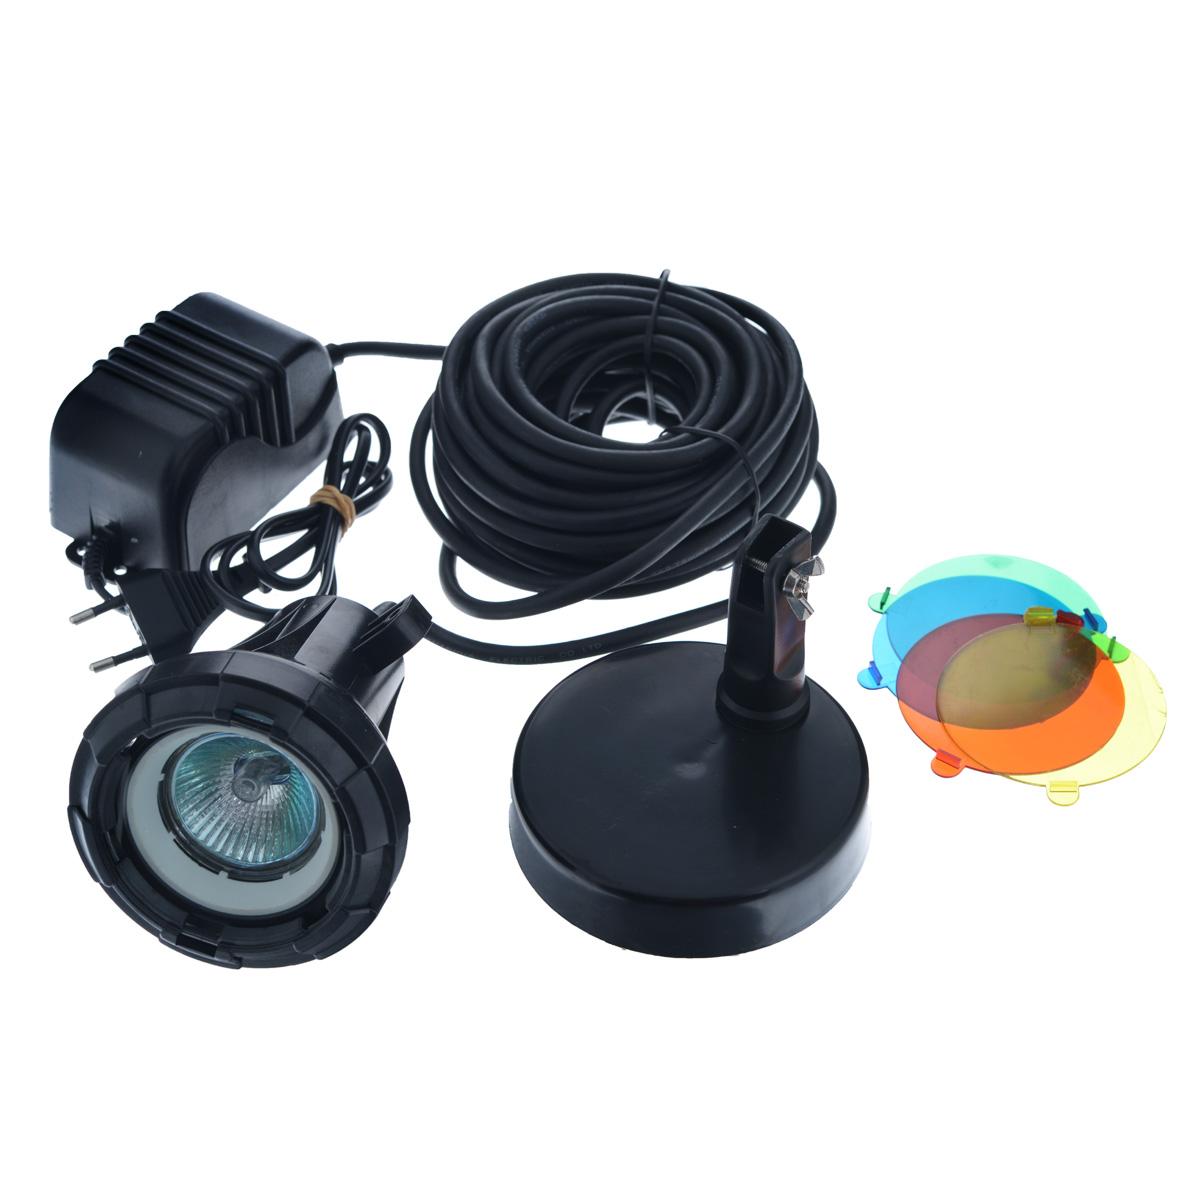 Лампа для подводного освещения Aquael, с трансформатором, 5 цветов. L20L20Лампа Aquael выполнена из прочного пластика черного цвета и предназначена для подводного освещения водоемов или аквариумов. Лампа устанавливается на специальную подставку. Особенности лампы Aquael: - дает точечный свет; - пять цветов свечения: белый, желтый, красный, зеленый, голубой; - питание от трансформатора 11,6-12V; - трехметровый кабель питания с быстродействующим соединением обеспечивает легкое присоединение в любом месте на электропроводе низкого напряжения; - галогенная лампа 12В 20Вт. Размер лампы (без подставки): 10 см х 9,5 см х 9,5 см.